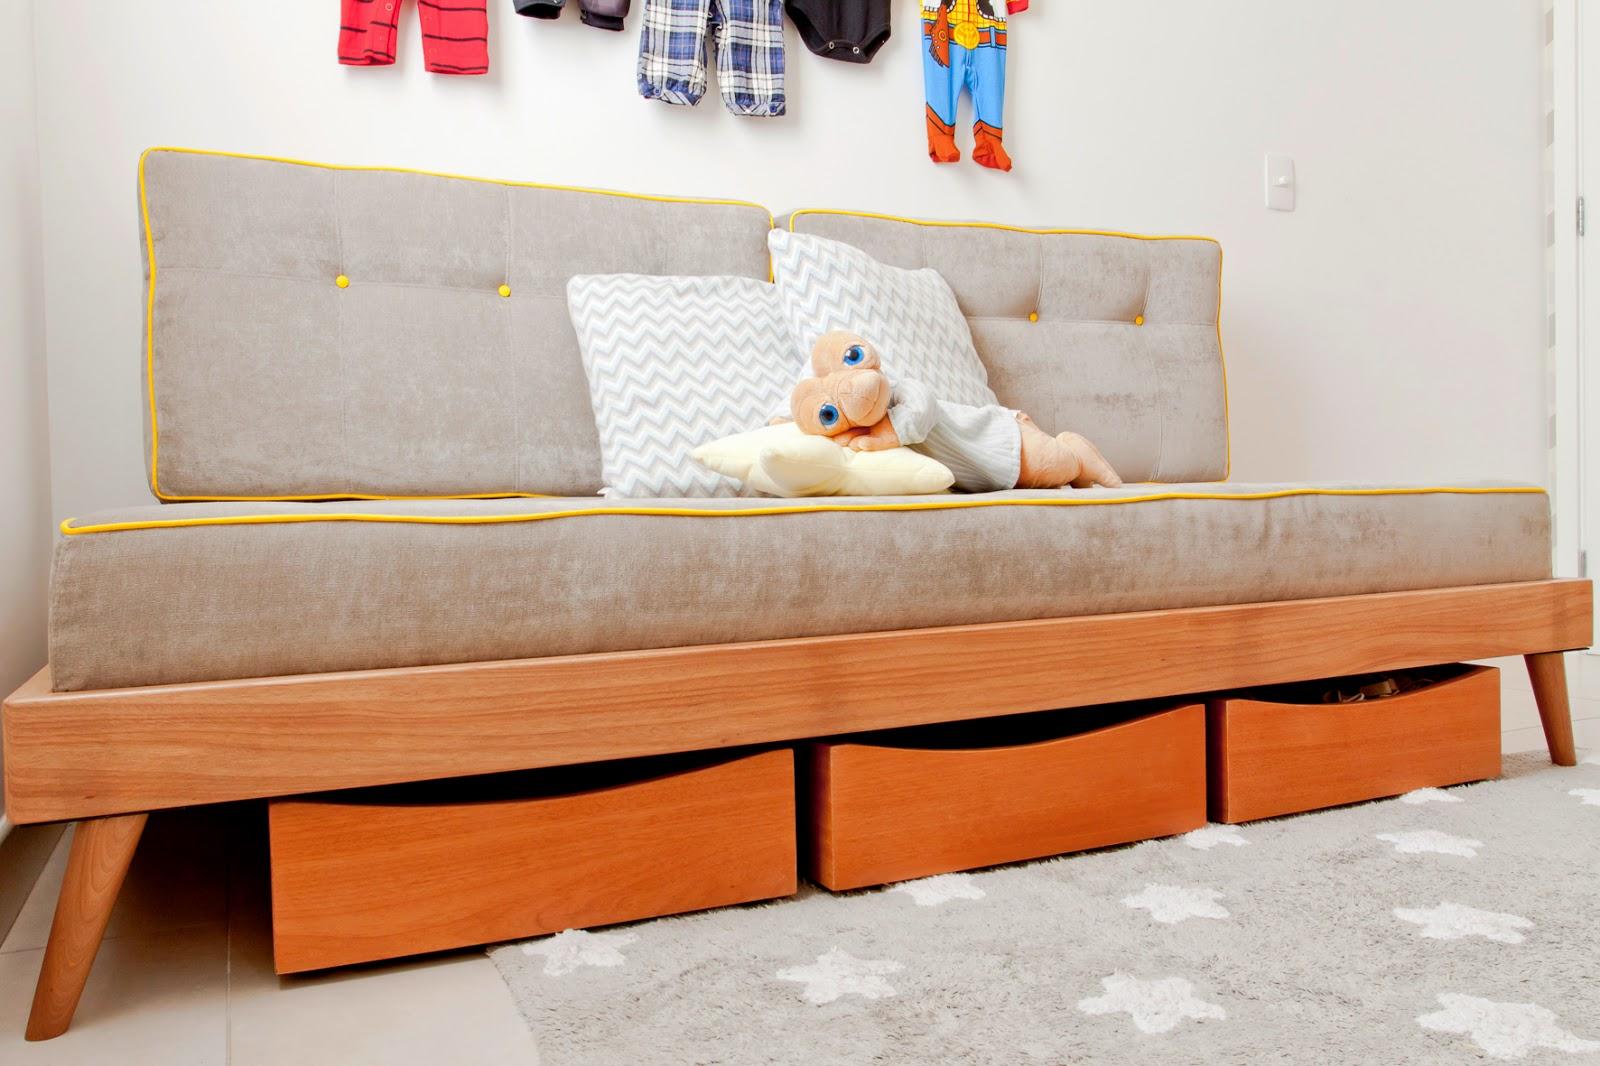 embaixo da cama fizemos 3 gavetas com rodinhas para guardar sapatos  #B89013 1600x1066